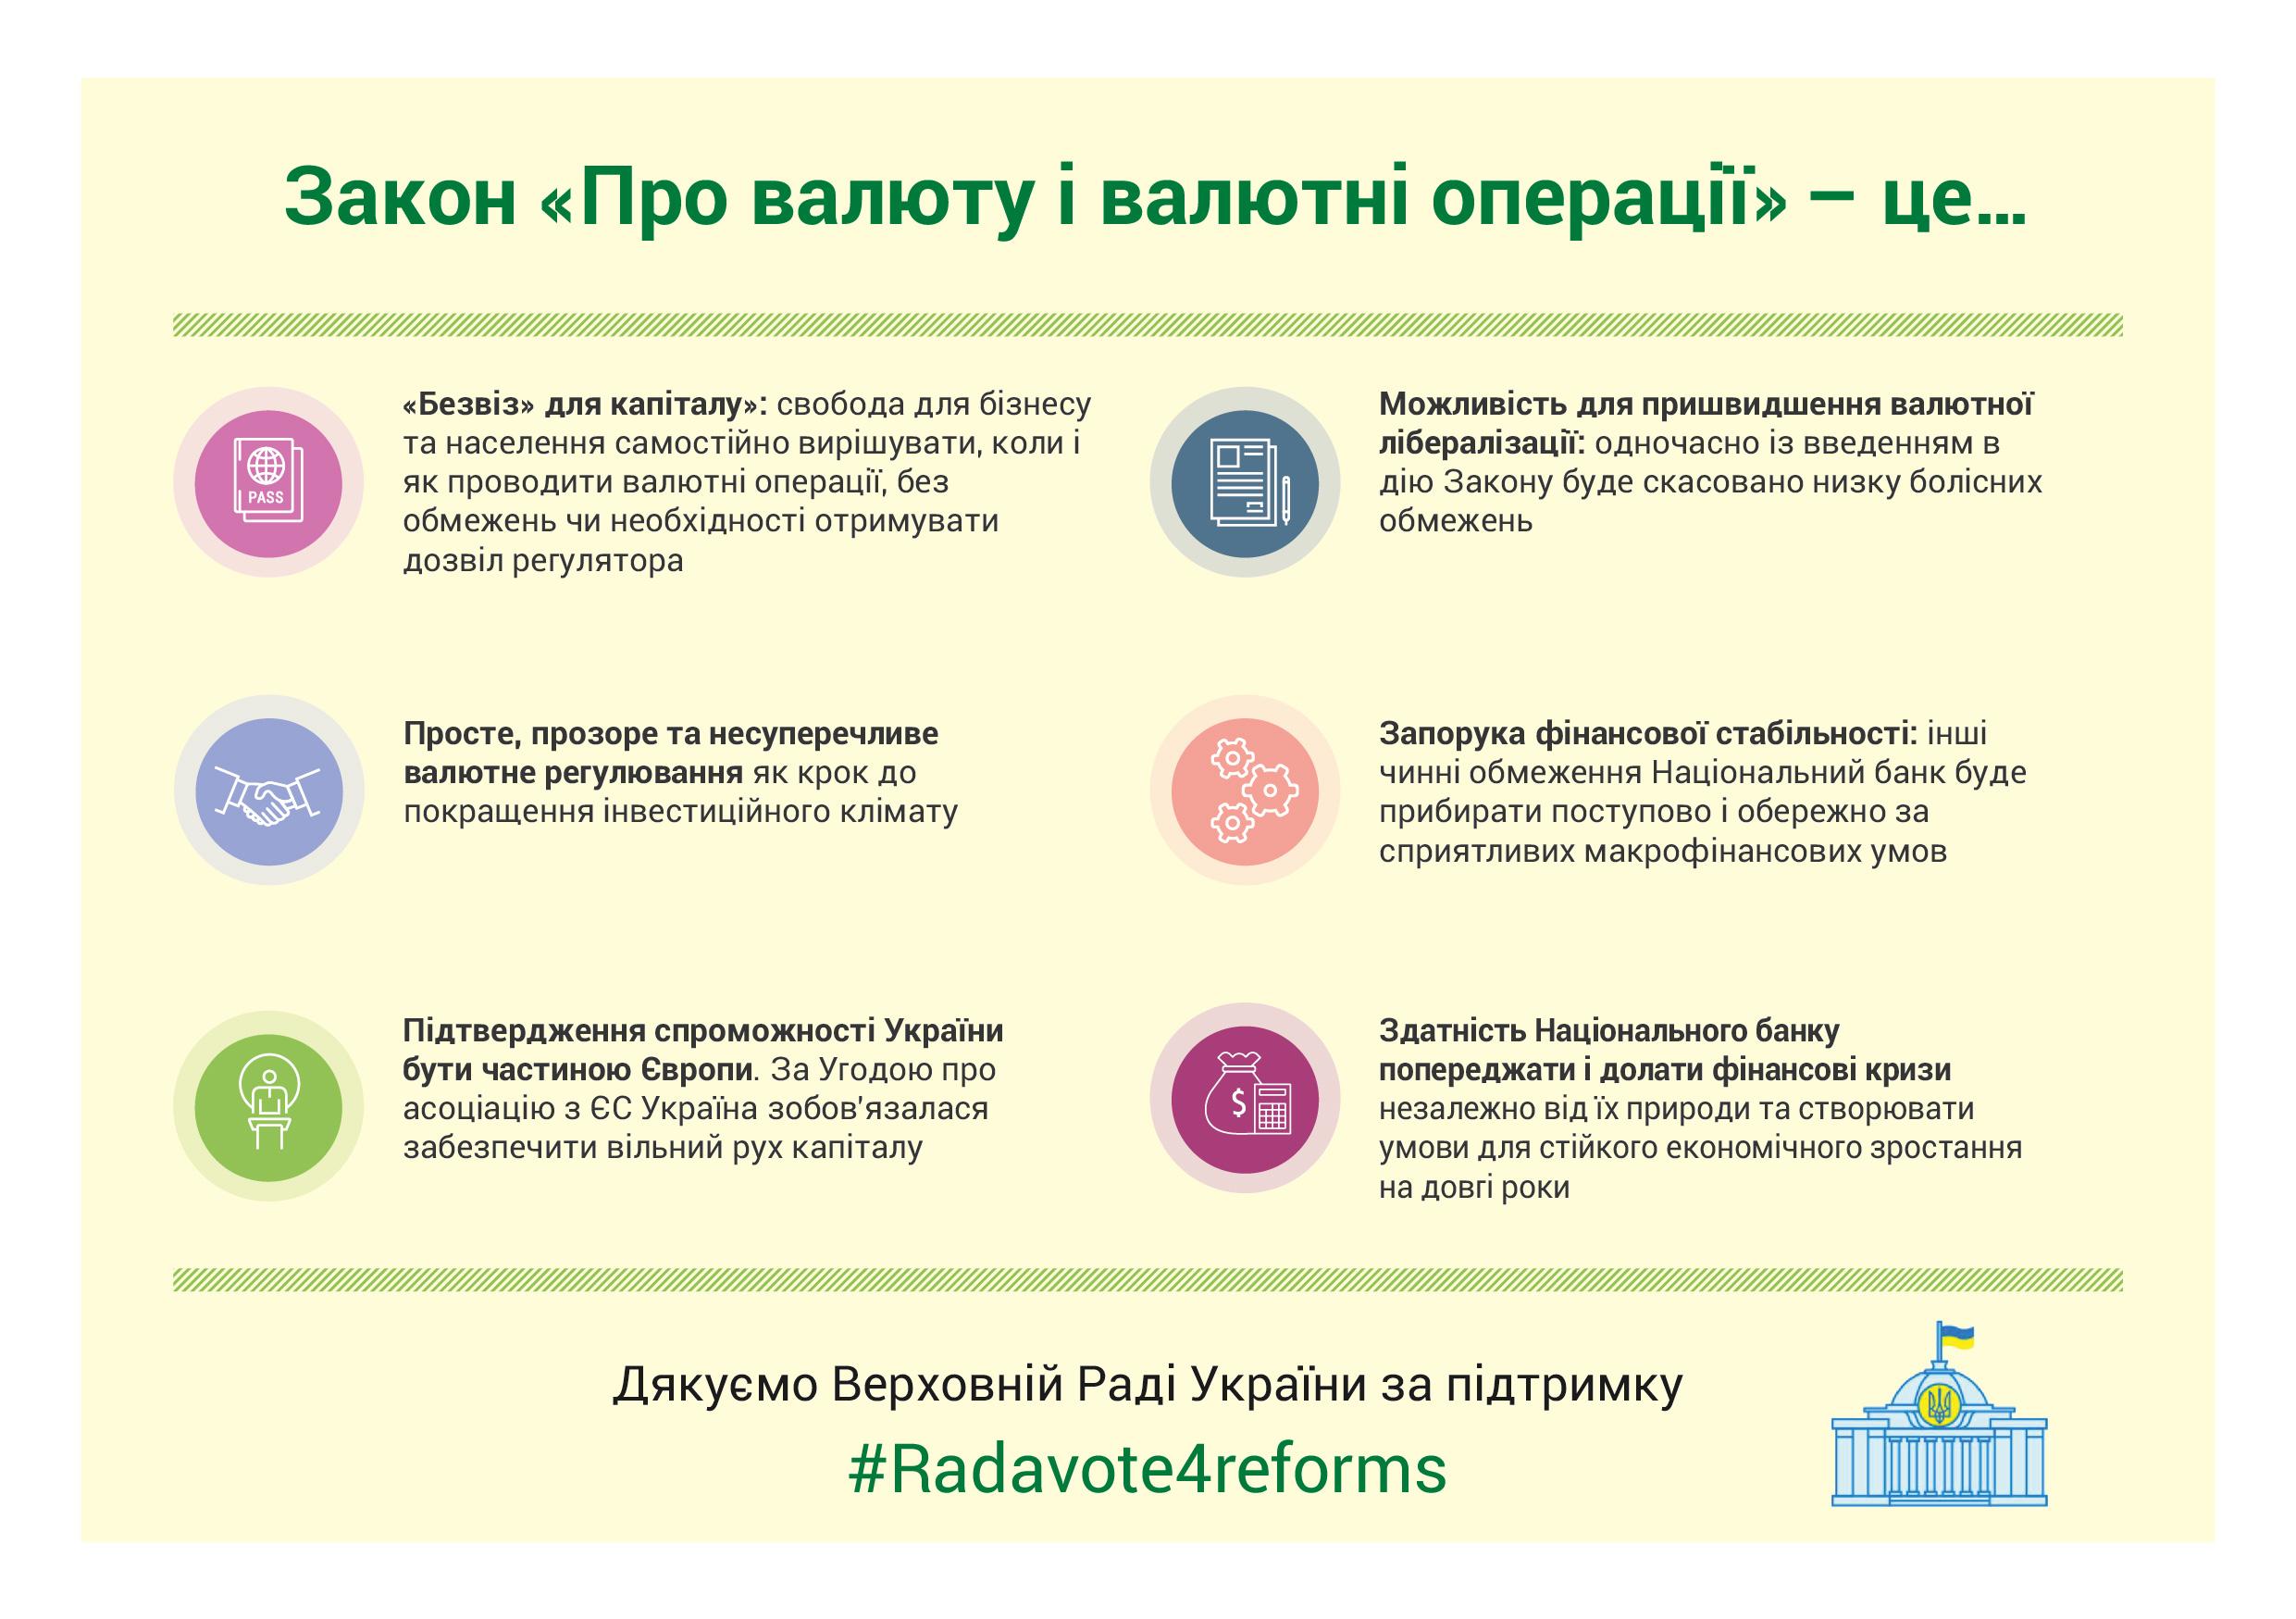 НБУ_инфографика